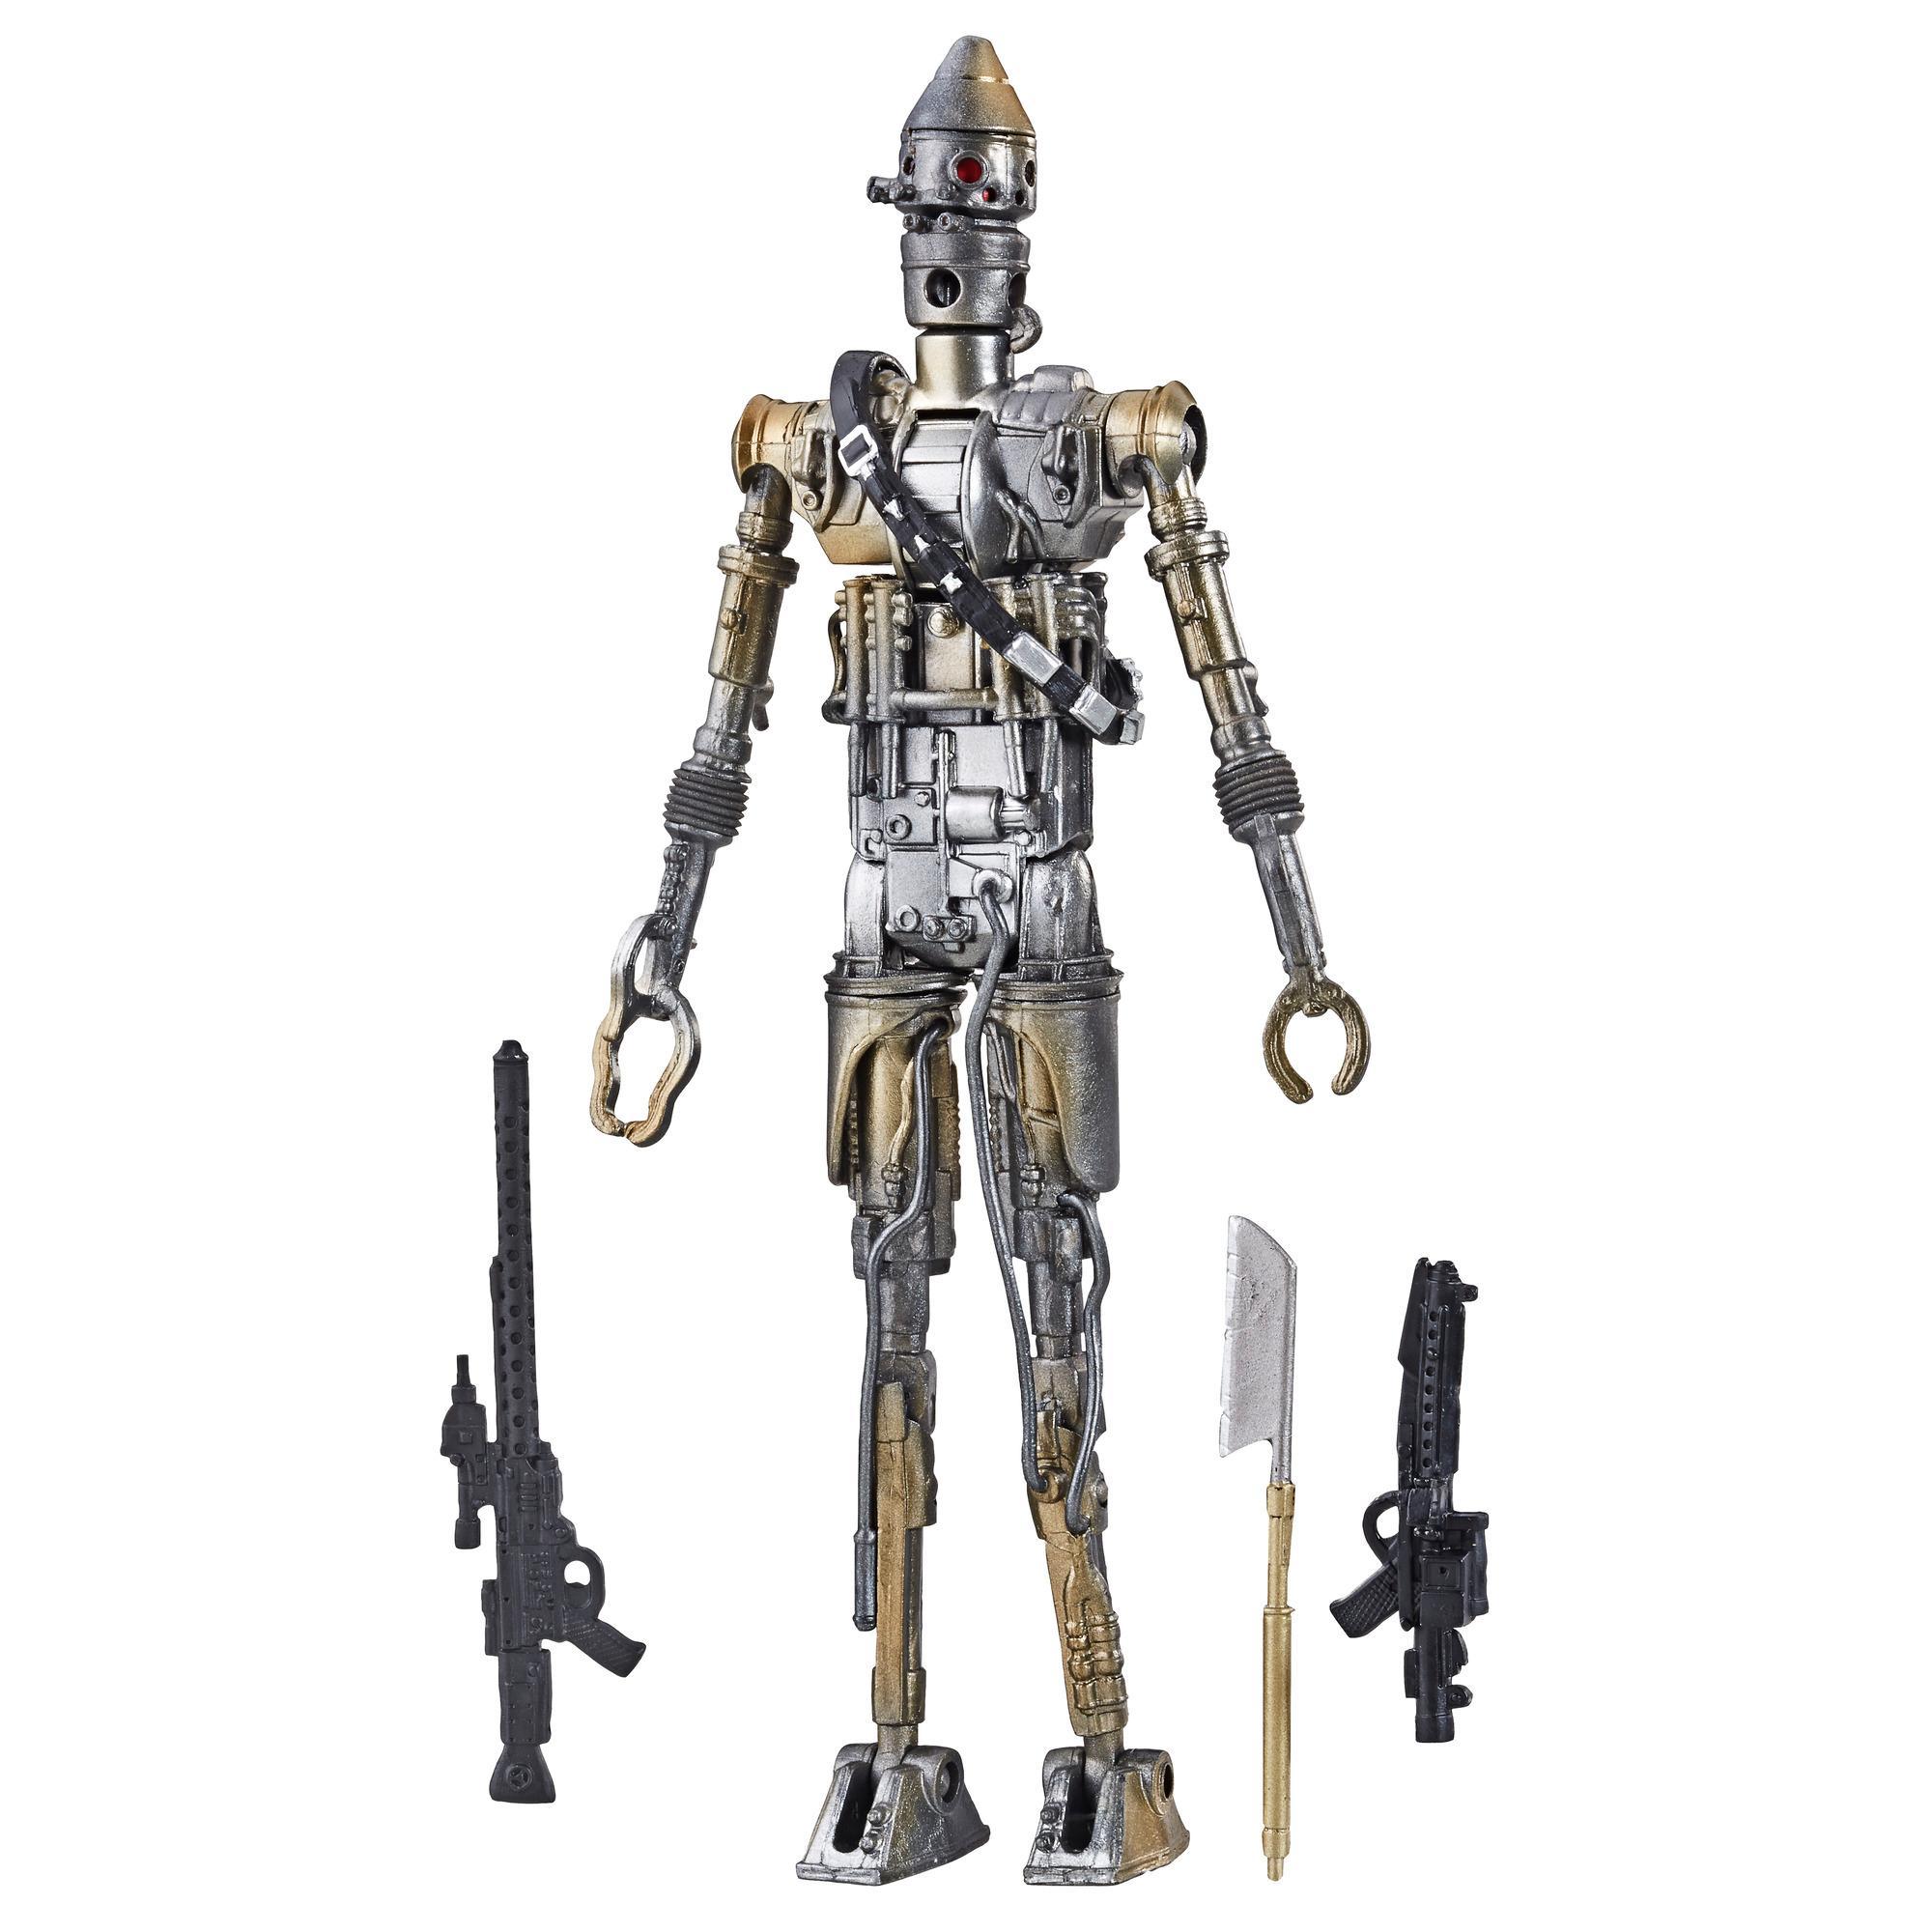 Star Wars La série noire Archive - Figurine IG-88